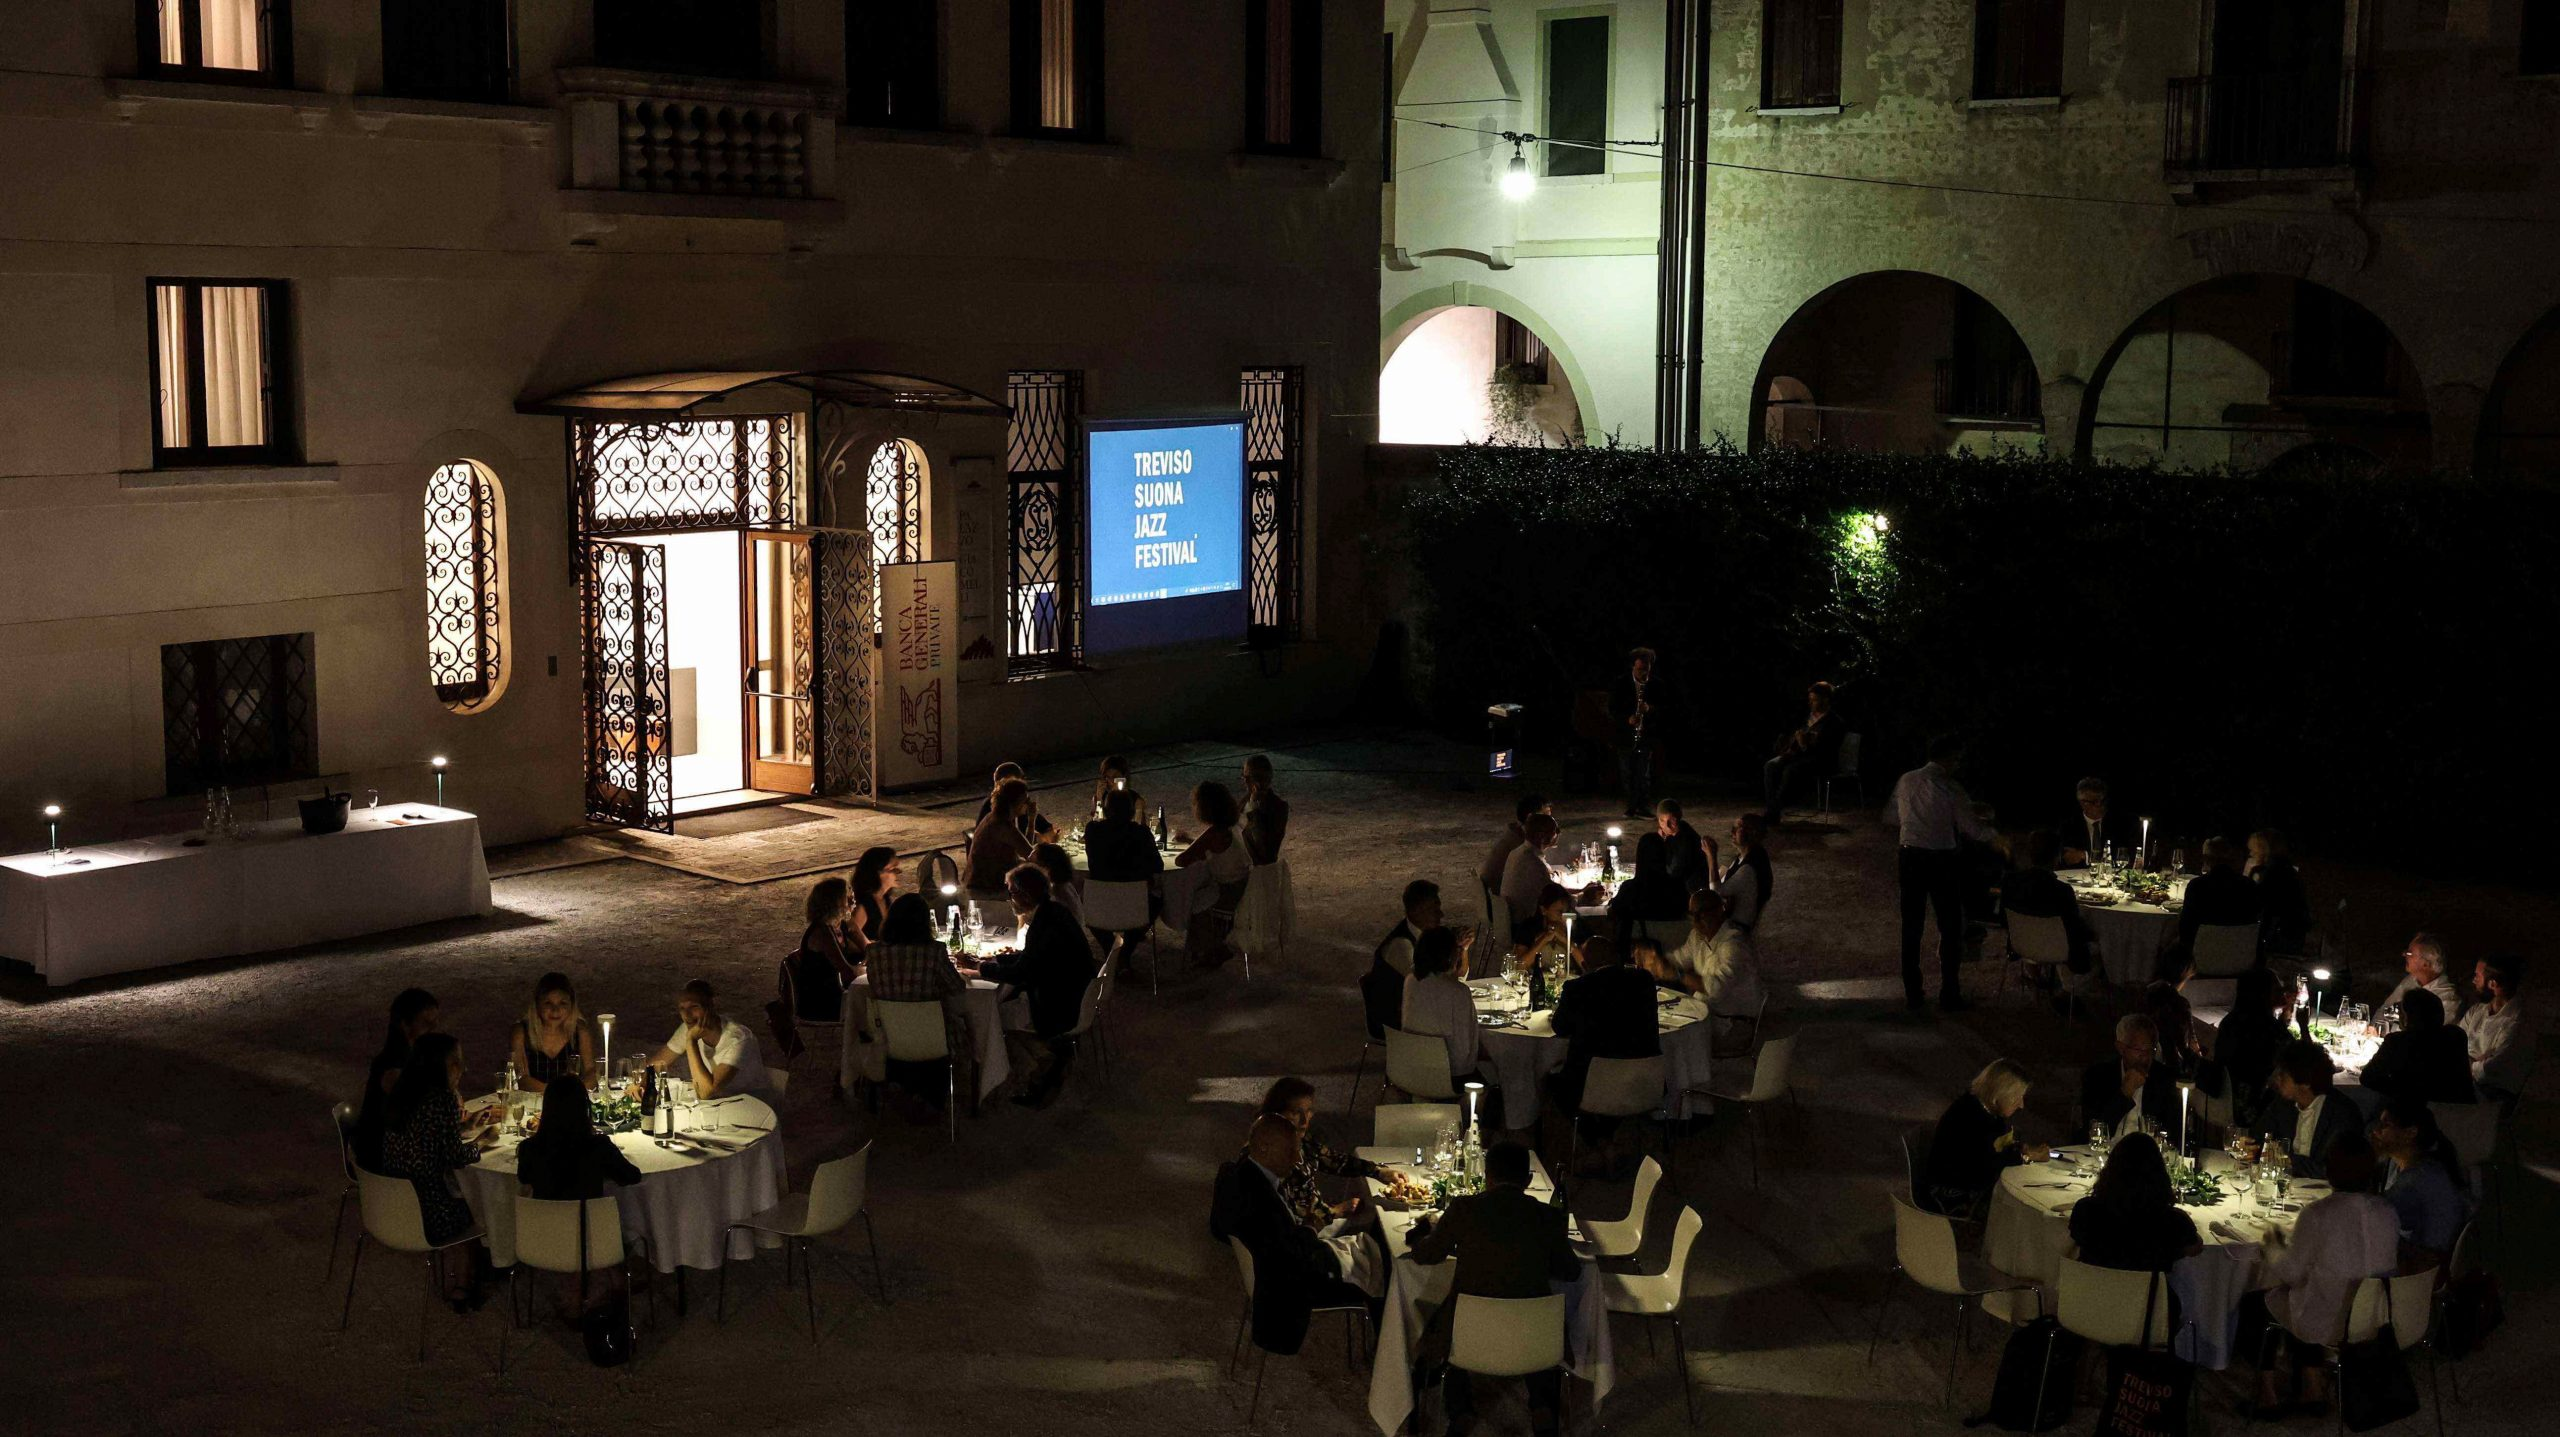 Il Consorzio fa rete! Proseguono le collaborazioni virtuose tra aziende del Consorzio UniVerso Treviso